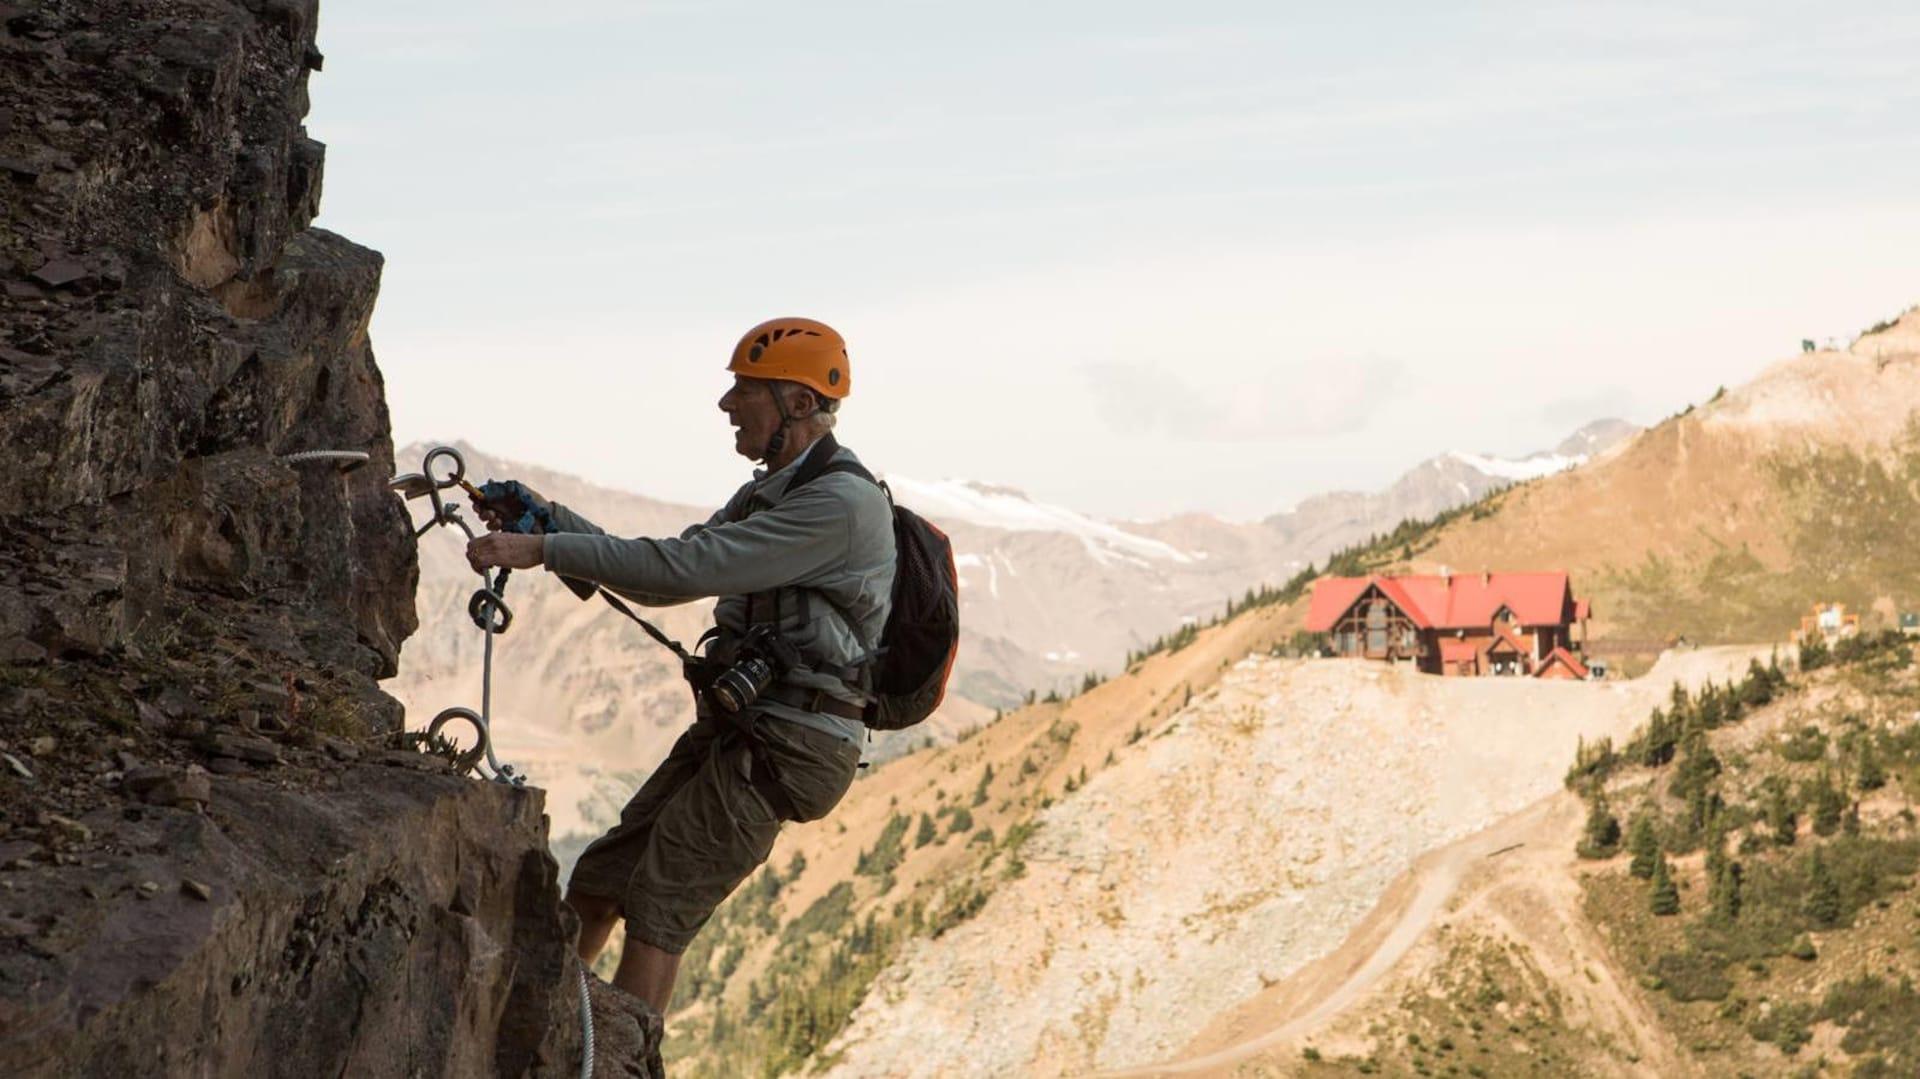 Un homme escalade une paroi rocheuse. En arrière-plan, les montagnes Rocheuses.